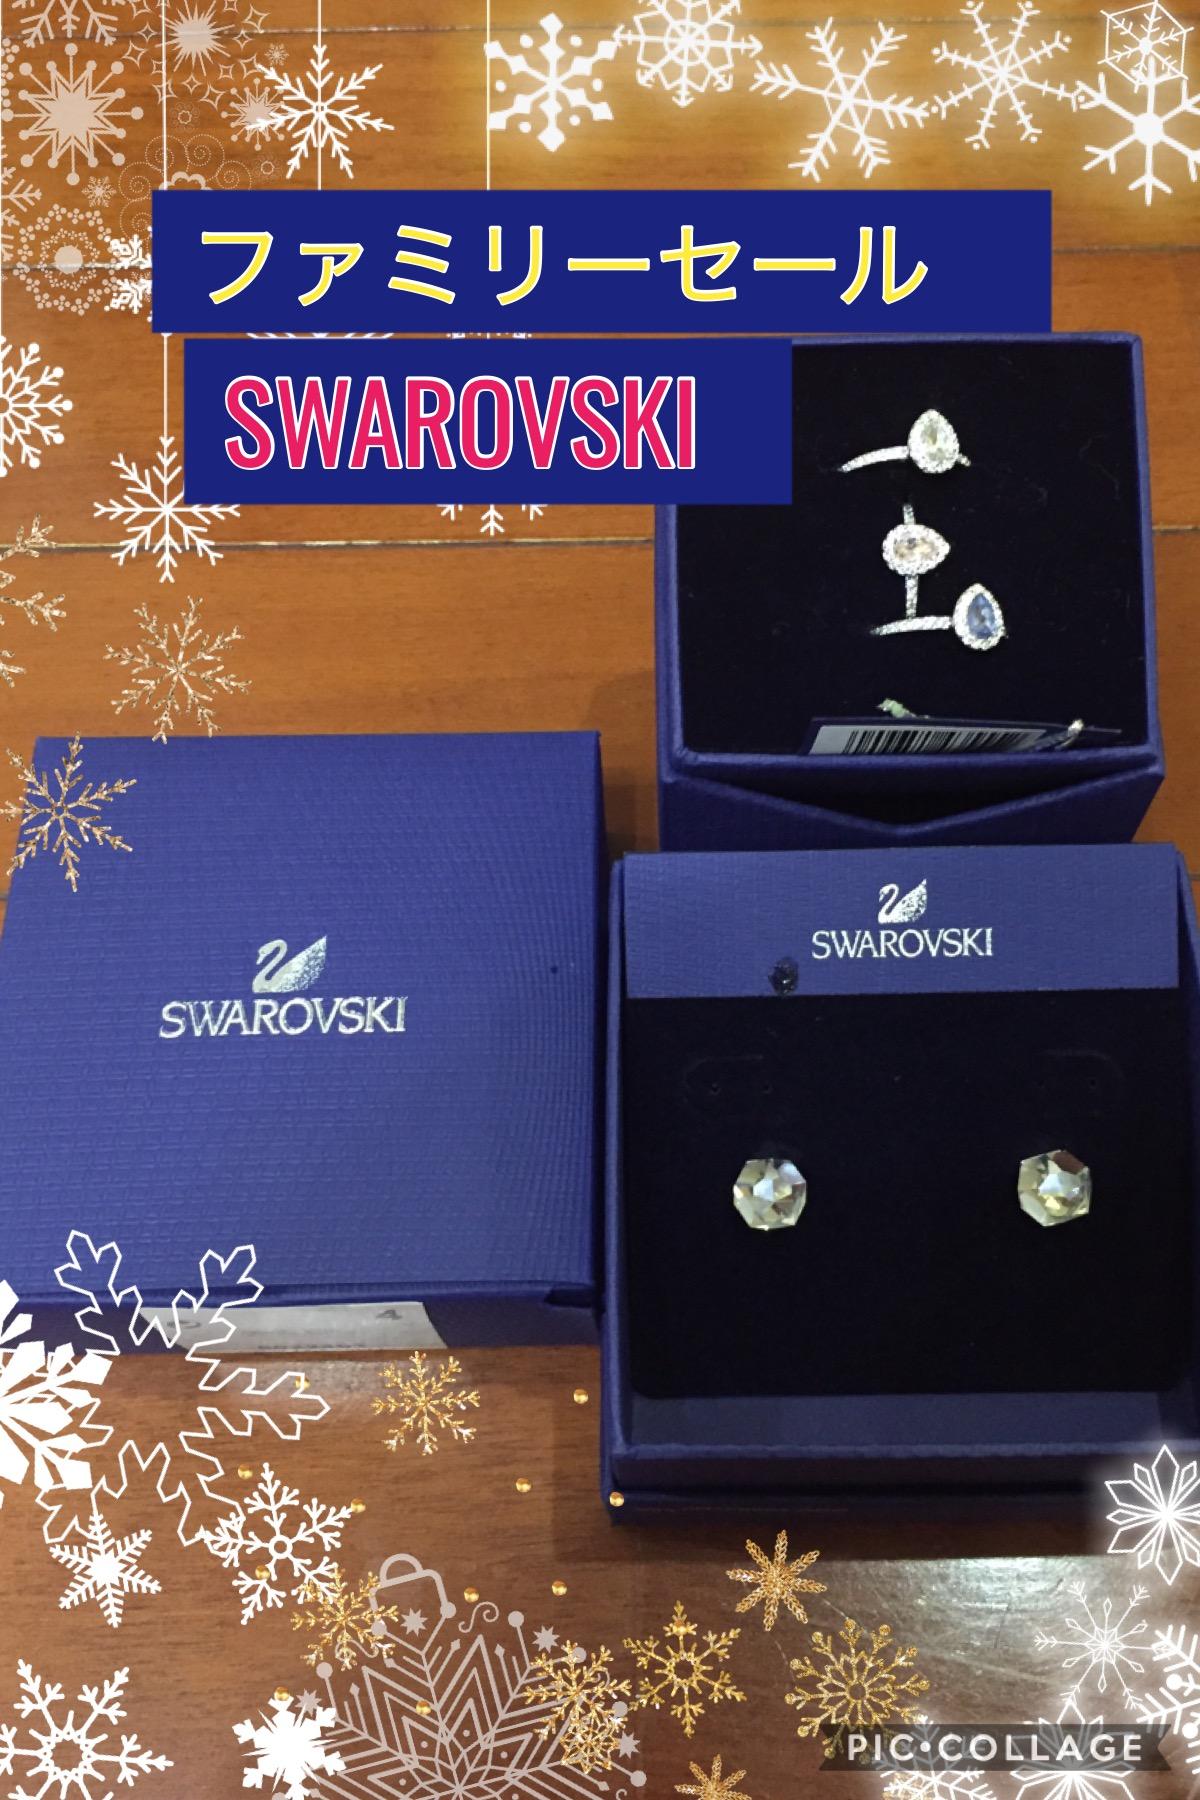 【初開催】SWAROVSKI ファミリーセール